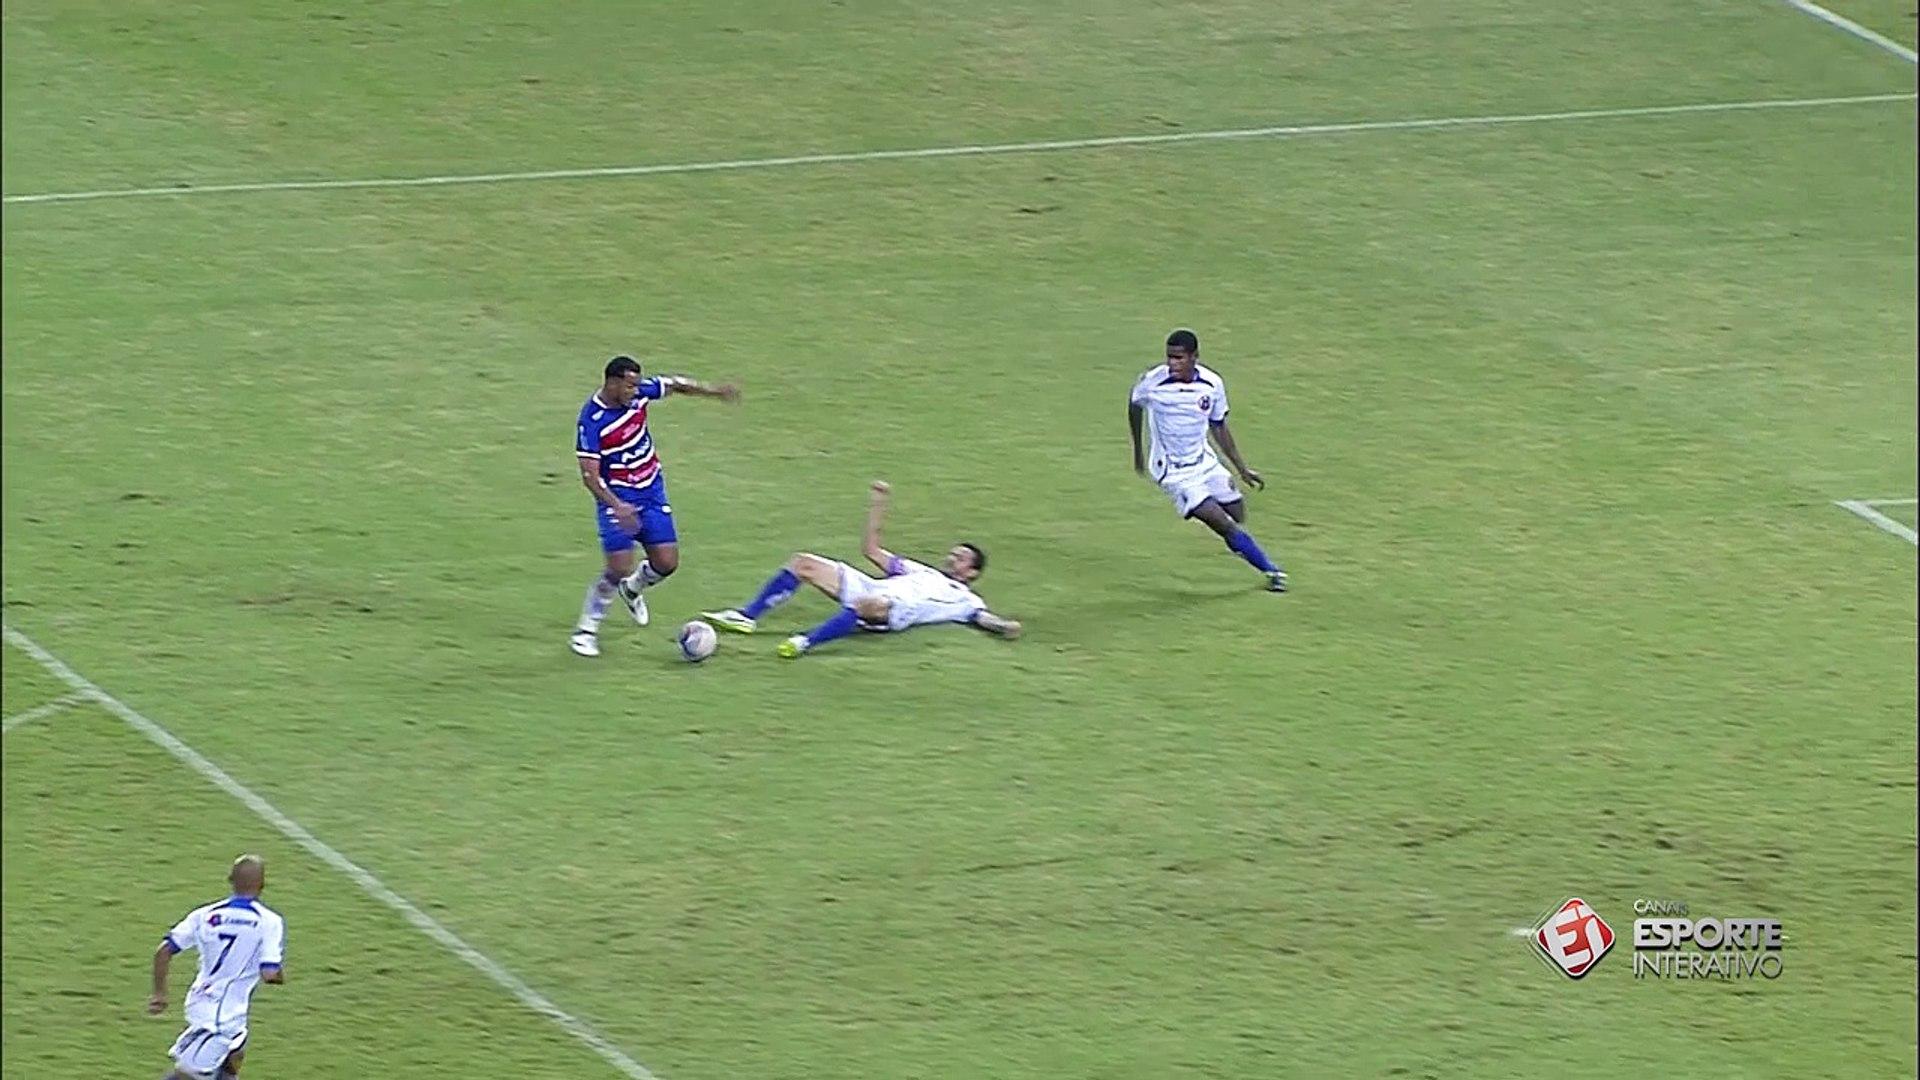 Zé Carlos comemora golaço contra o Tiradentes e afirma: 'Um dos mais bonitos da minha carreira&